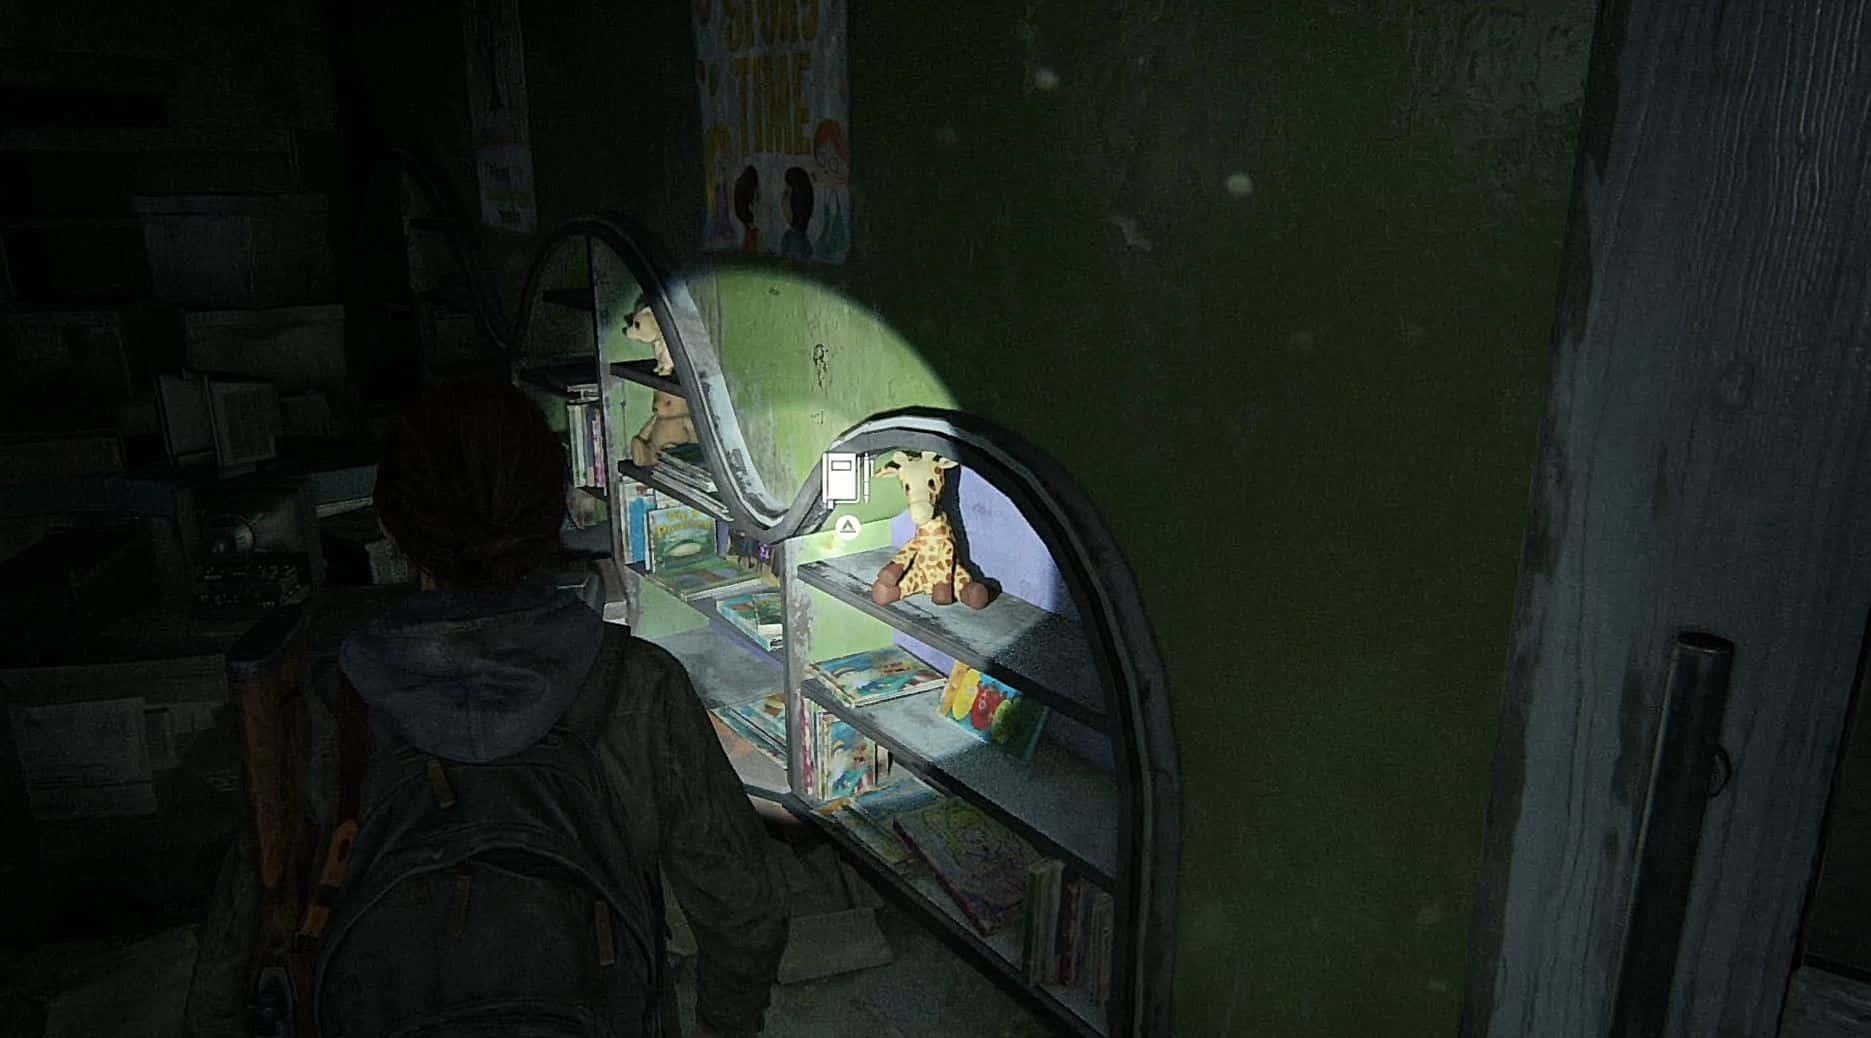 the last of us part 2 journal entry locations 3 - The Last of Us Parte 2 - Guida alla posizione di tutte le voci del diario